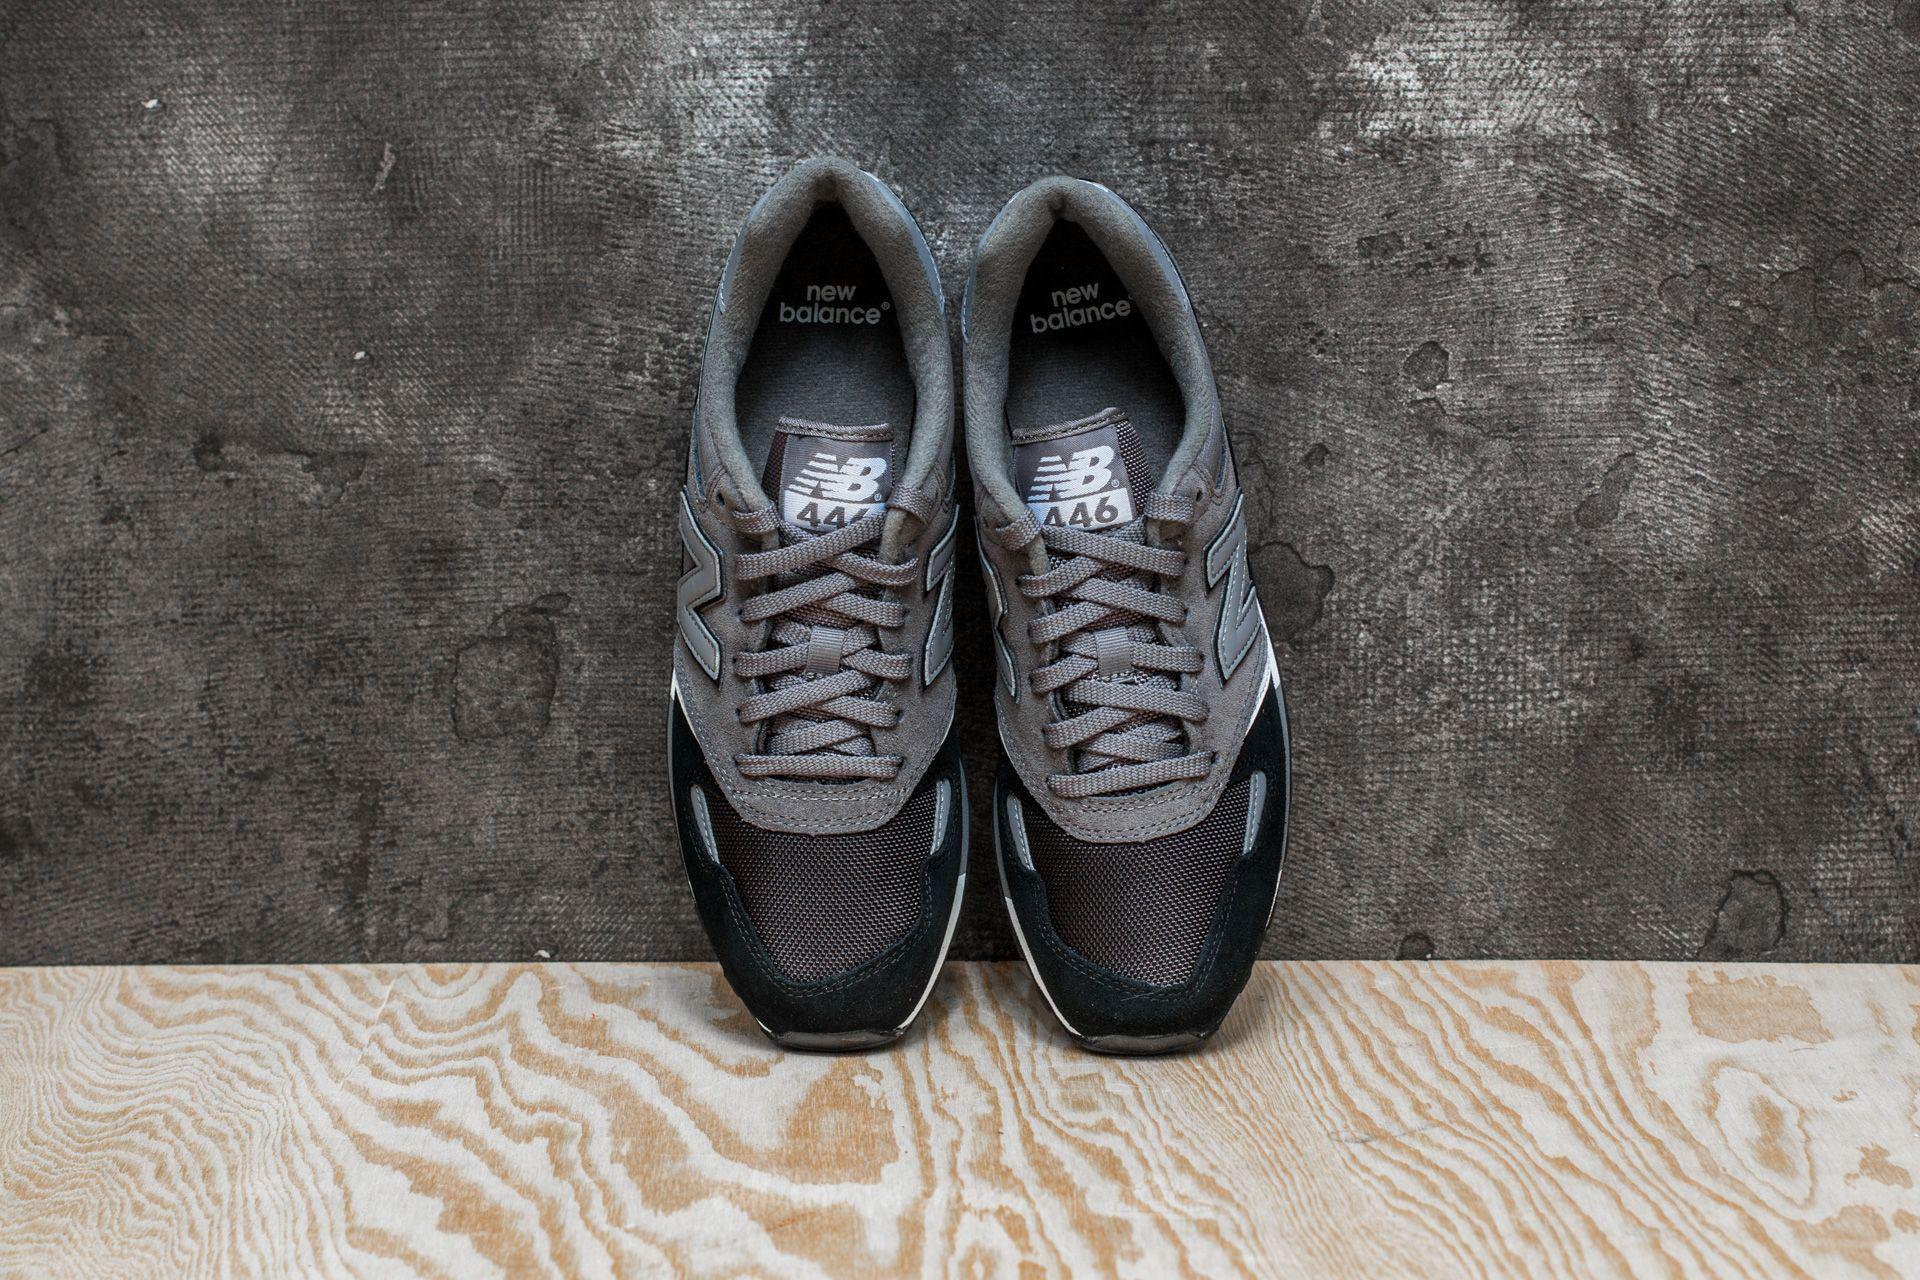 Rechazar Tiempo de día amanecer  New Balance Leather 446 Grey/ Black for Men - Lyst